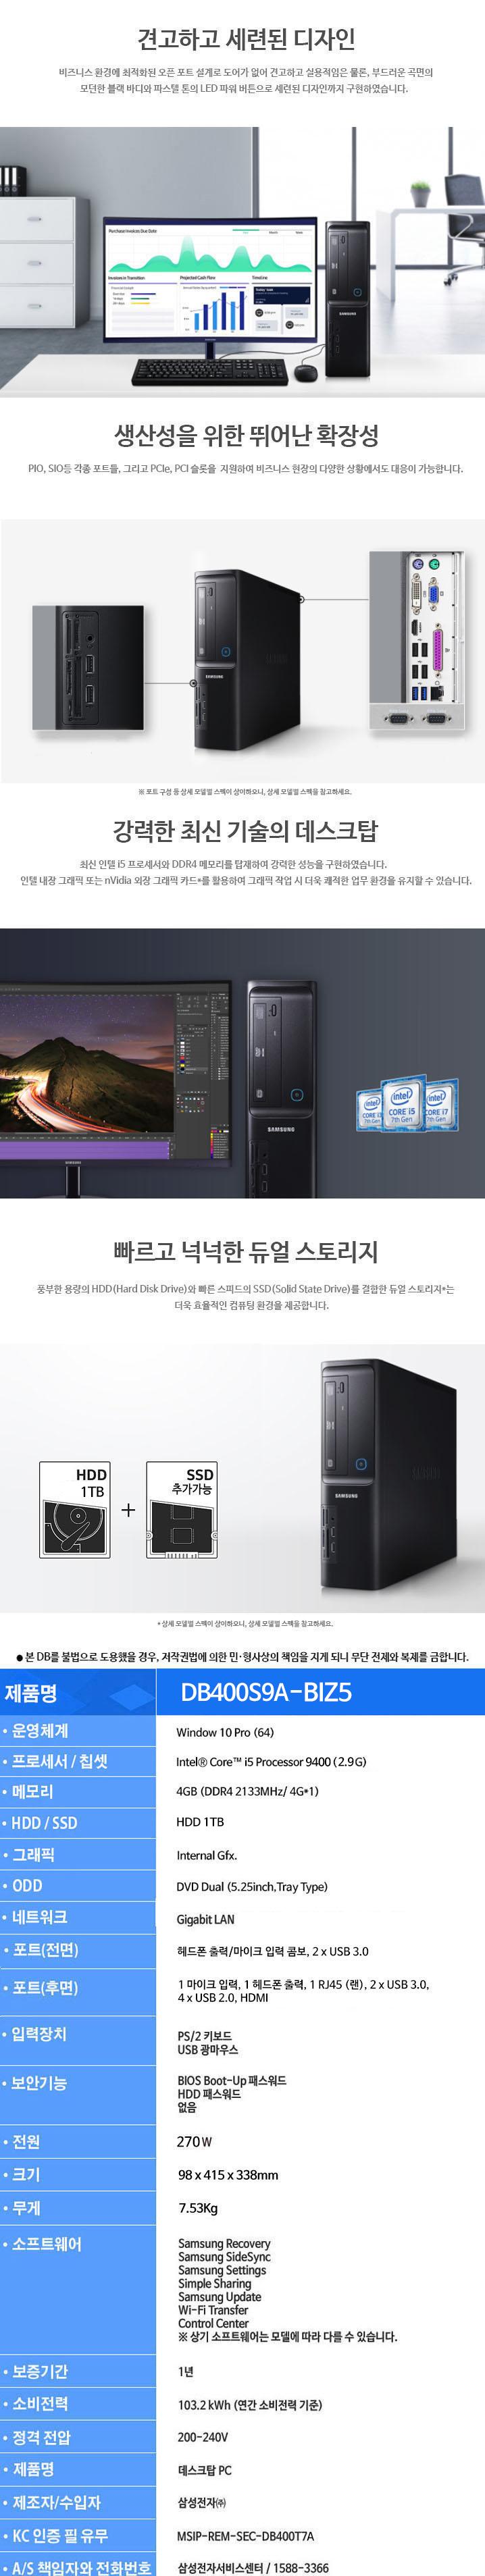 [삼성전자] 삼성 슬림형 데스크탑5 DB400S9A-BIZ5 [기본제품]